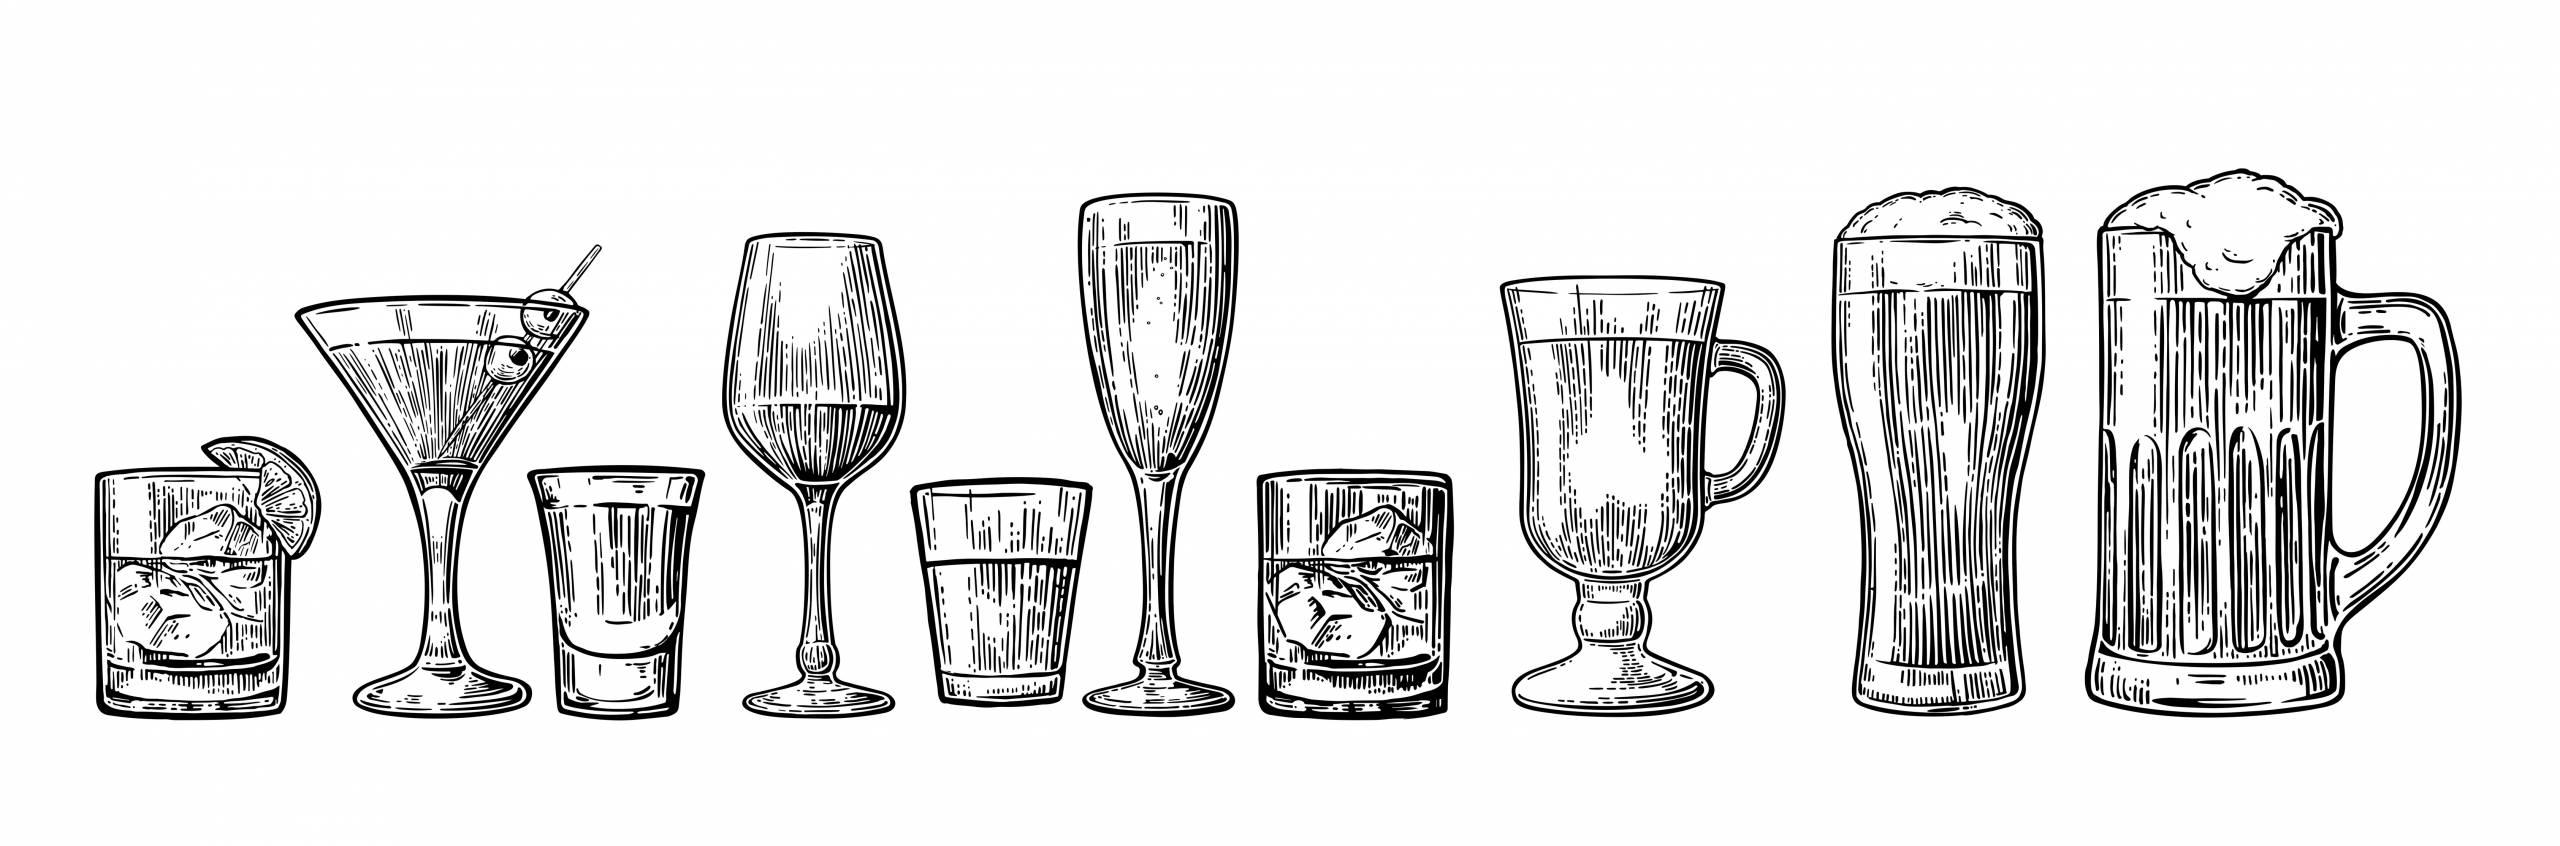 How do I know if I am an alcoholic?